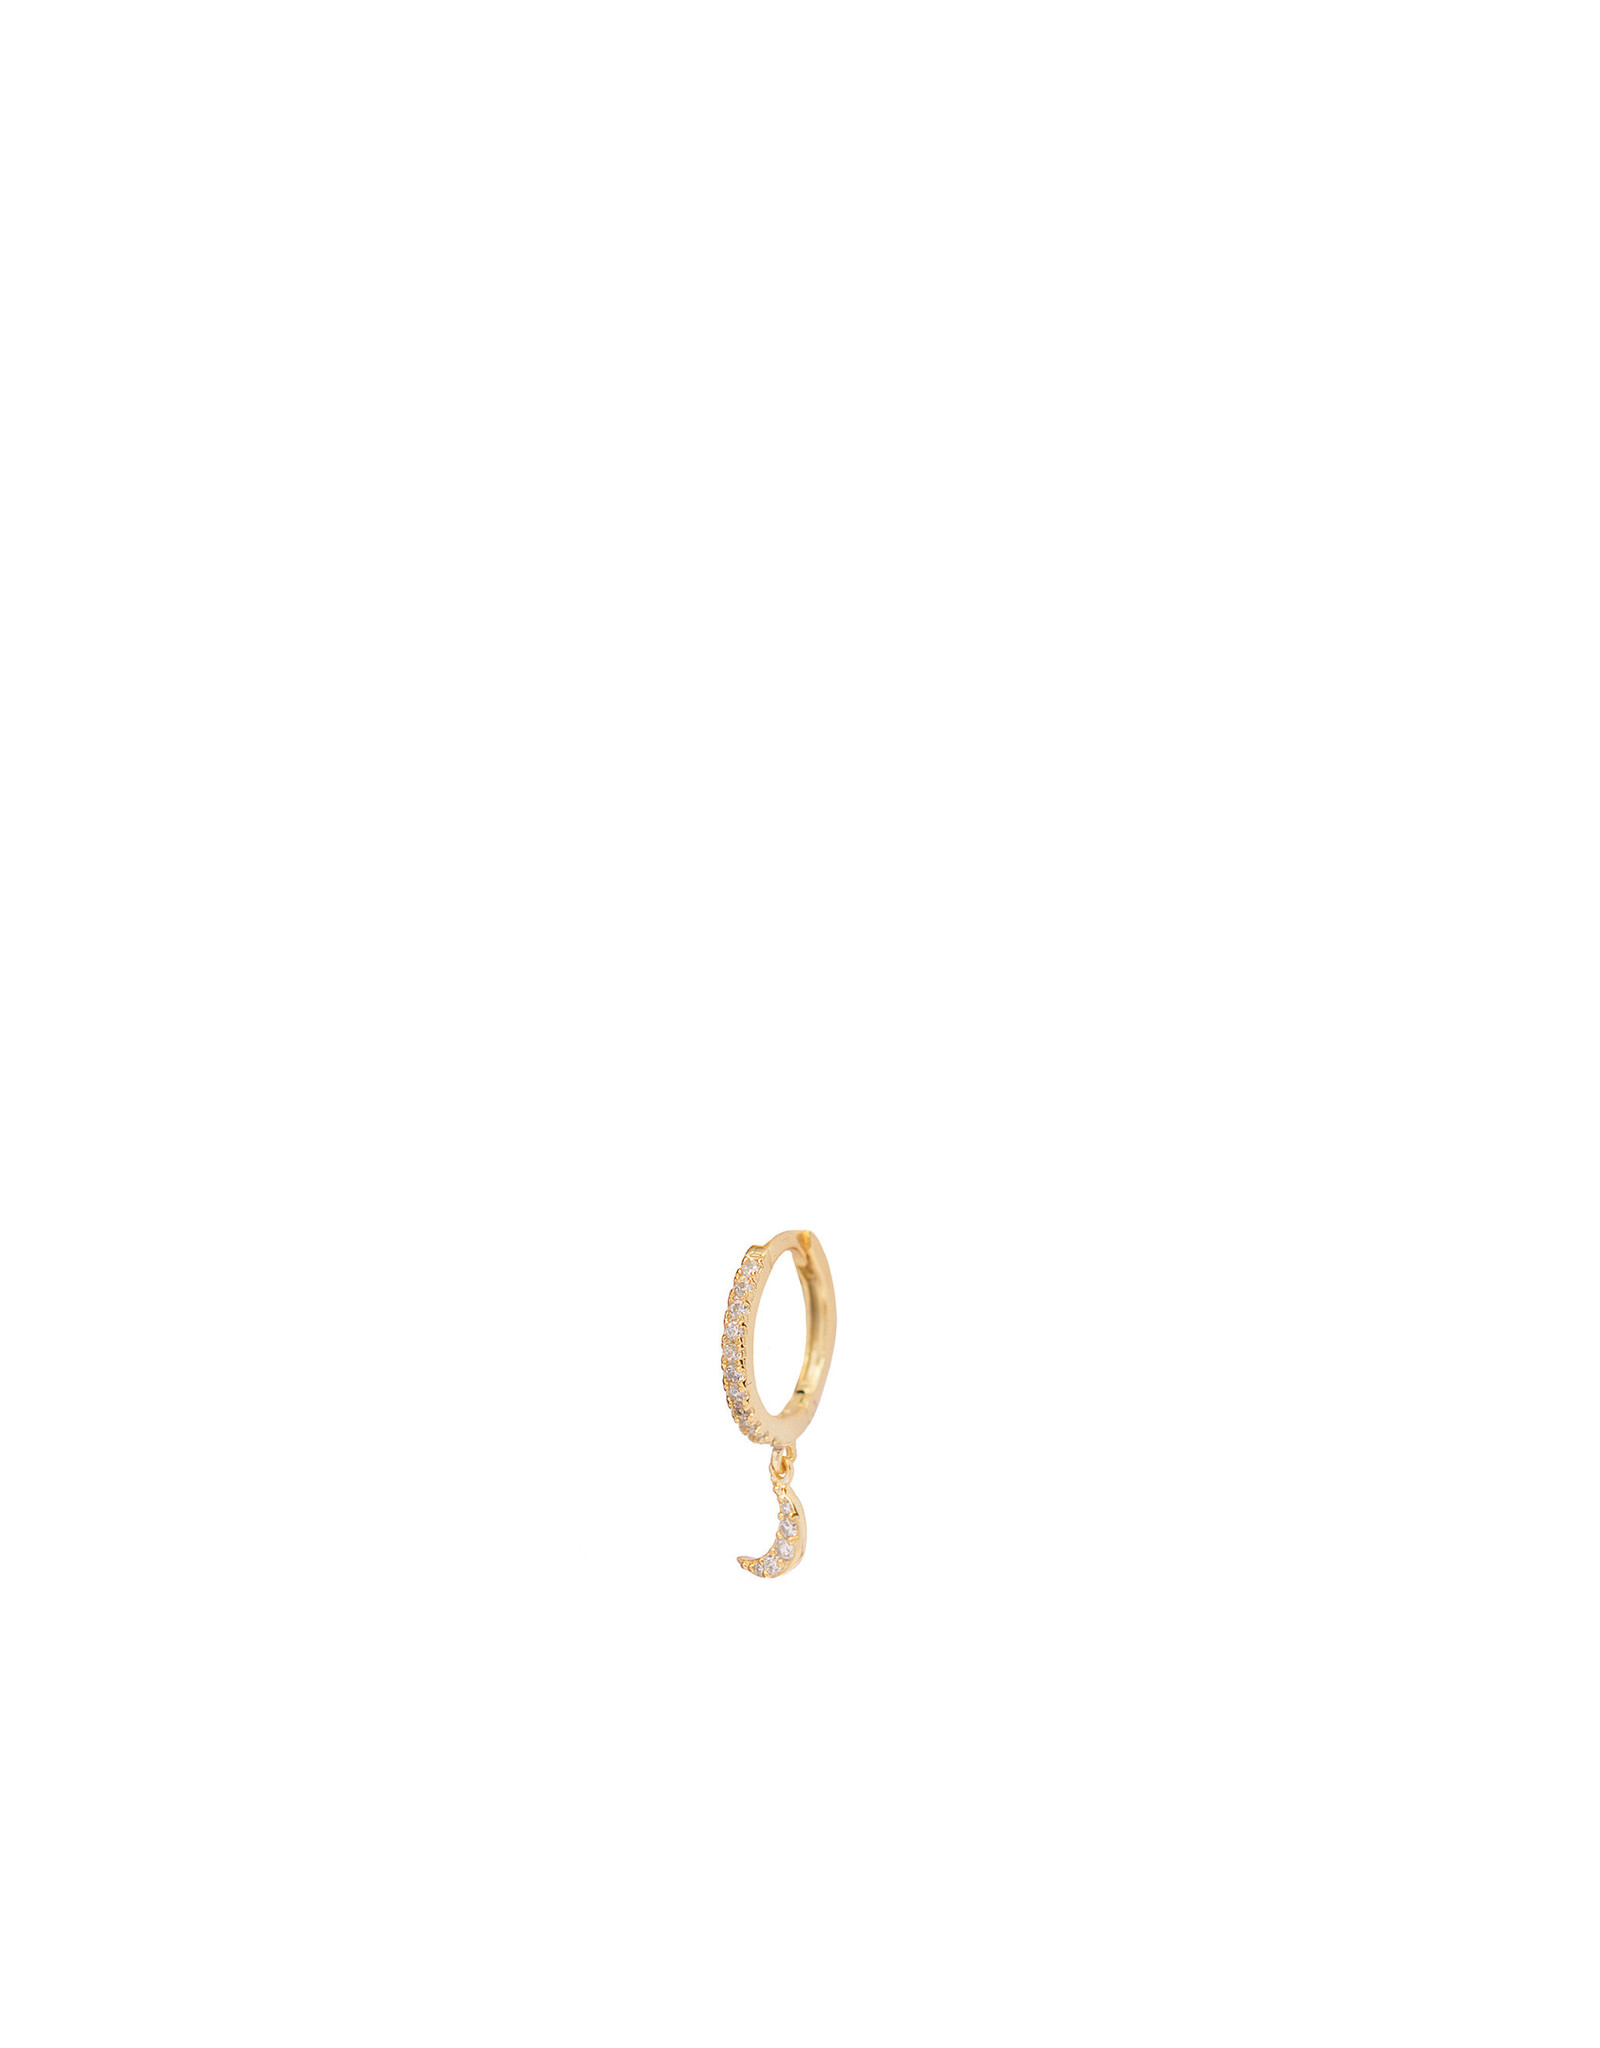 EARRING JEANNE STRASS MOON GOLD